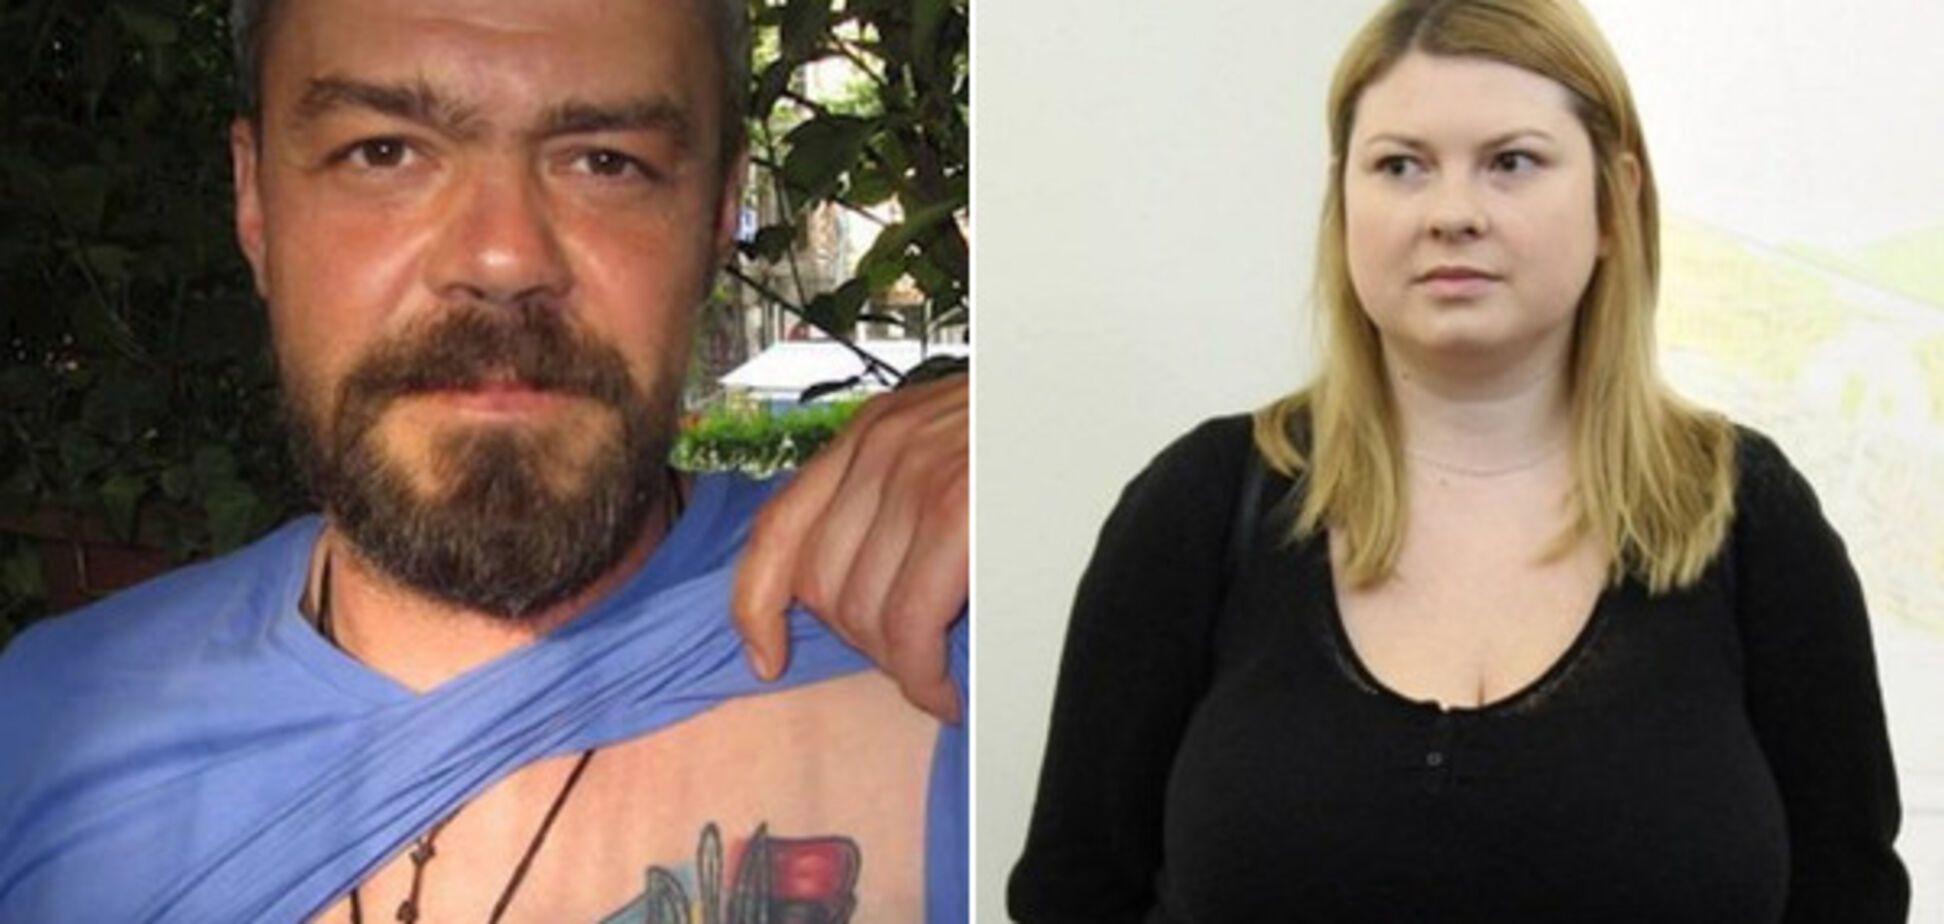 Вбивство АТОвця пов'язали з замахом кислотою на активістку: названі спільні мотиви злочинців